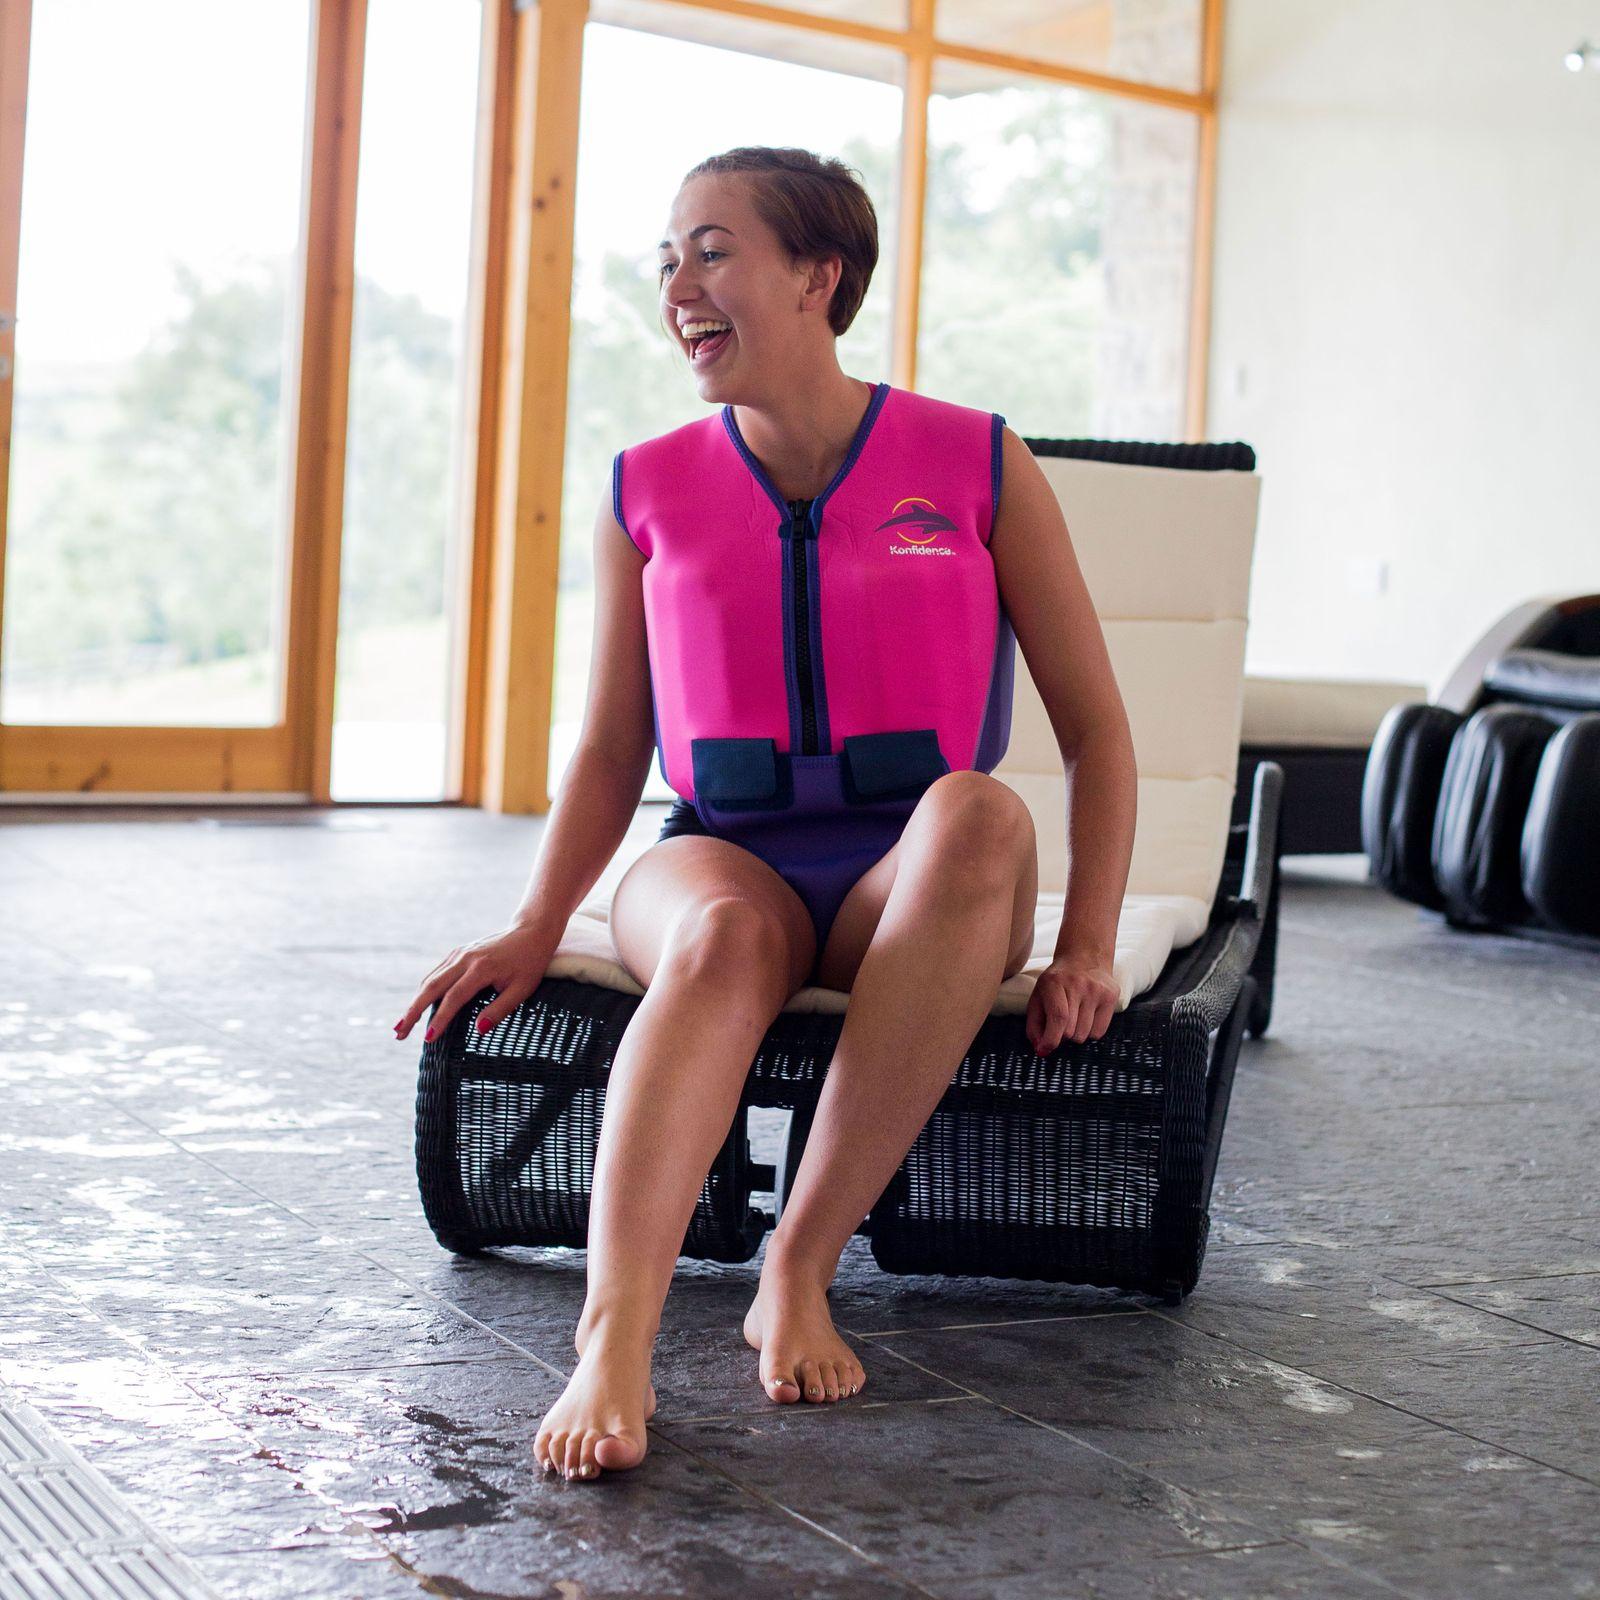 Konfidence Jugendschwimmweste, Schwimmhilfe mit umfangreichem Schwimmratgeber – Bild 5